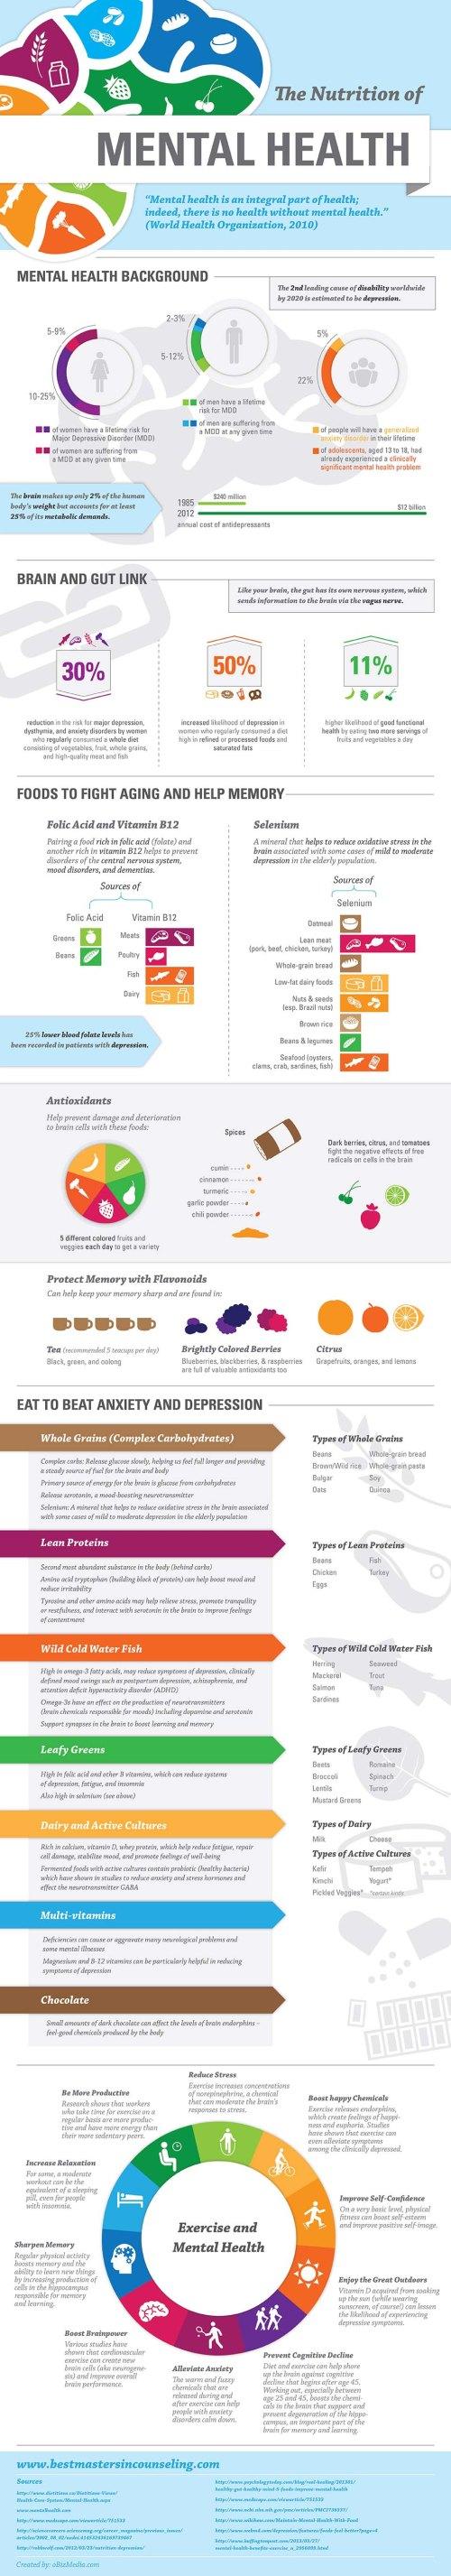 mental-health-diet.jpg